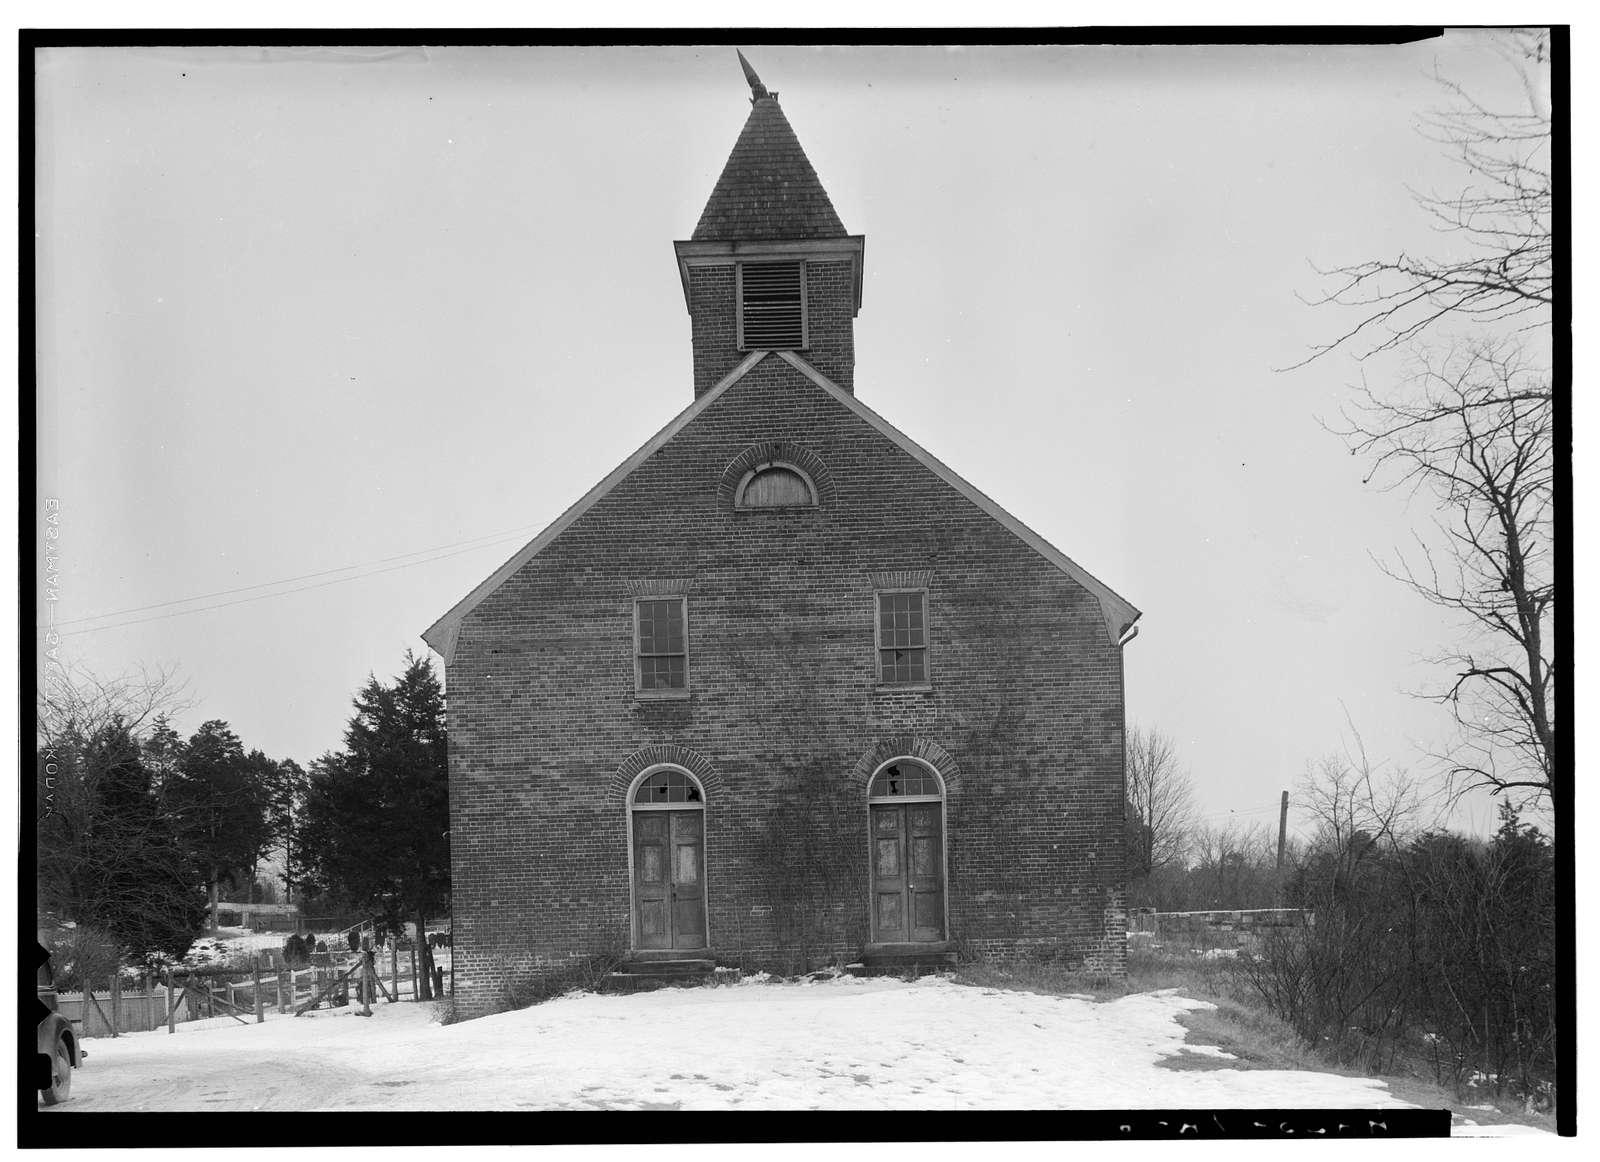 Union Church (Facade), Carter Street, Falmouth, Stafford County, VA